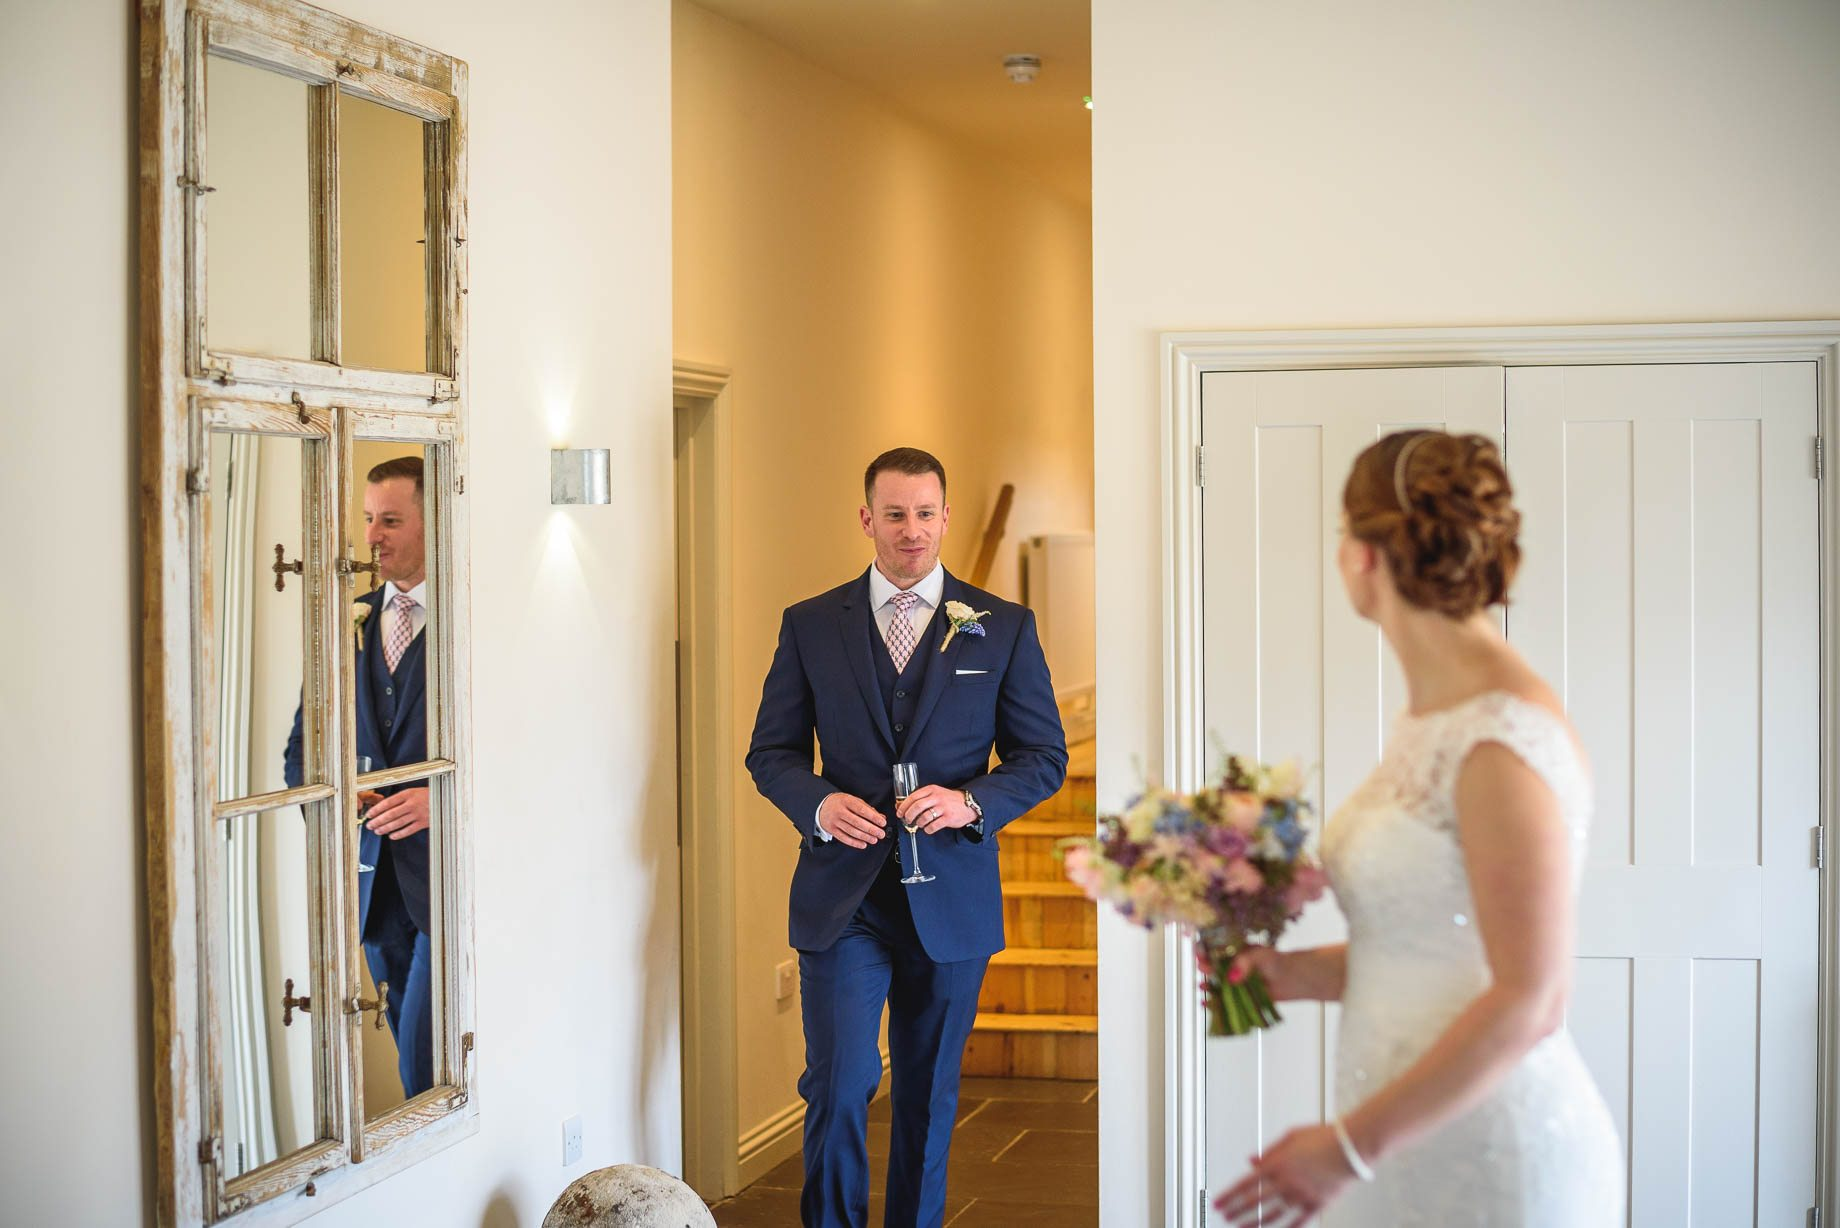 Millbridge Court Wedding Photography - Lisa and Daniel (83 of 173)